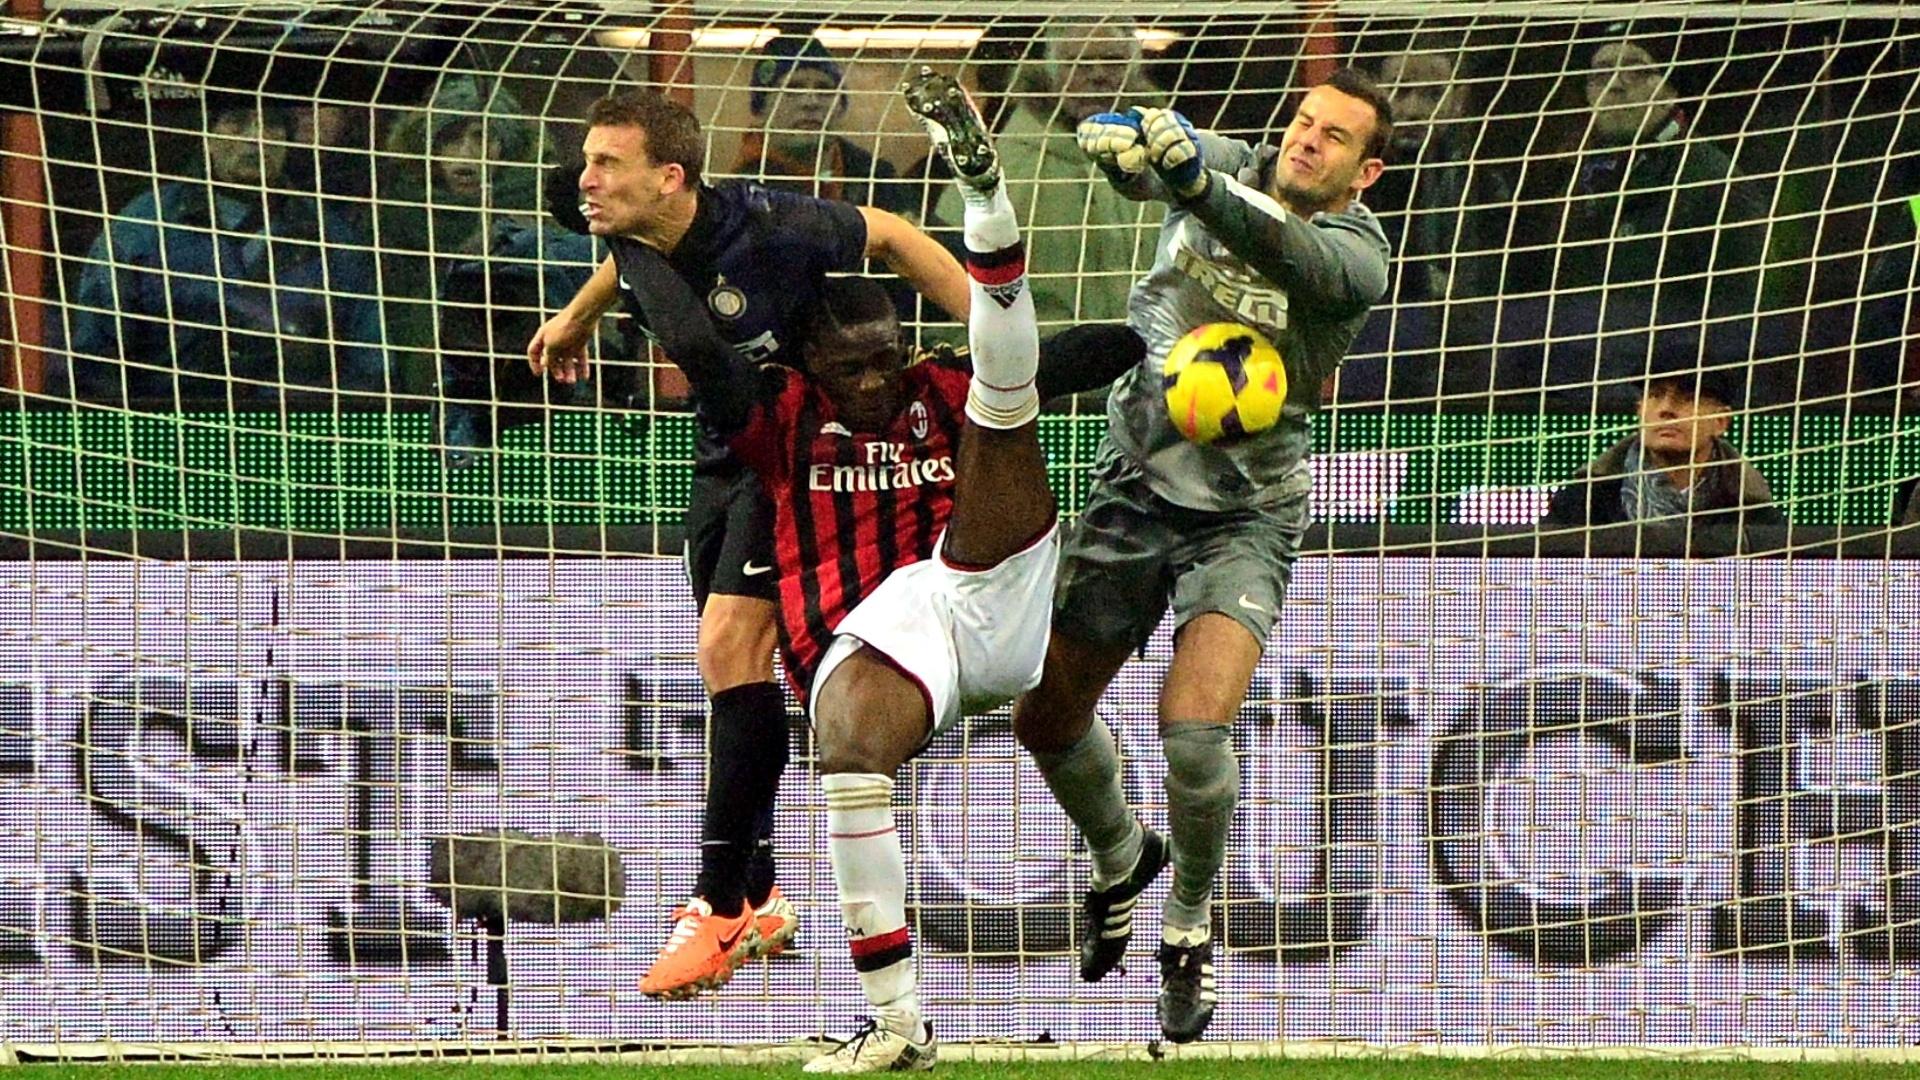 22.dez.2013 - Atacante italiano Balotelli dsputa a bola pelo alto com o zagueiro Campagnaro e o goleiro Handanovic, da Inter de Milão